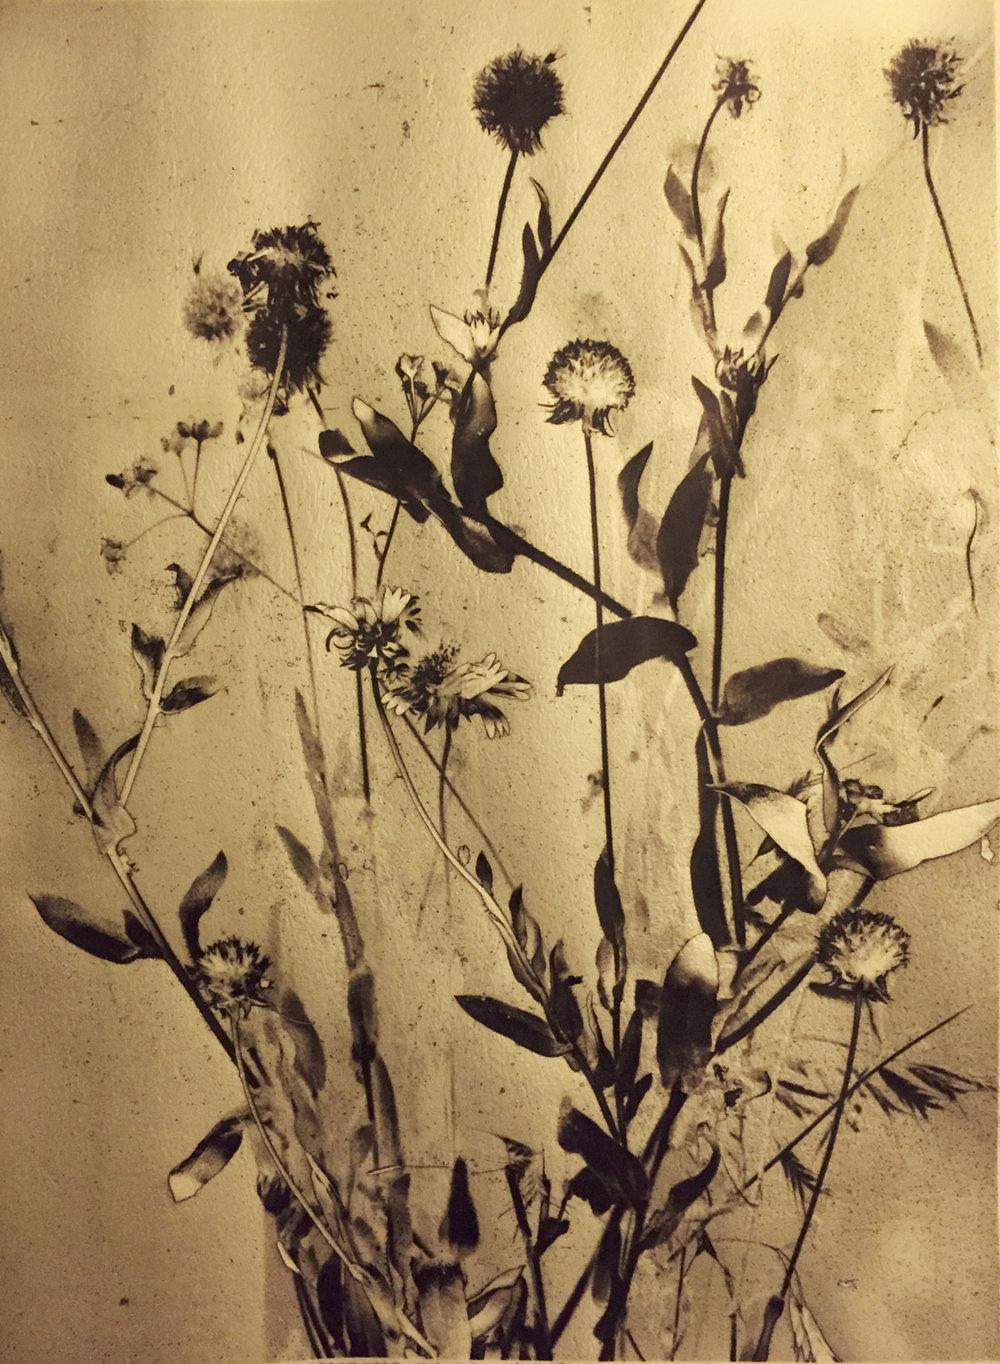 Singing of Wildflowers